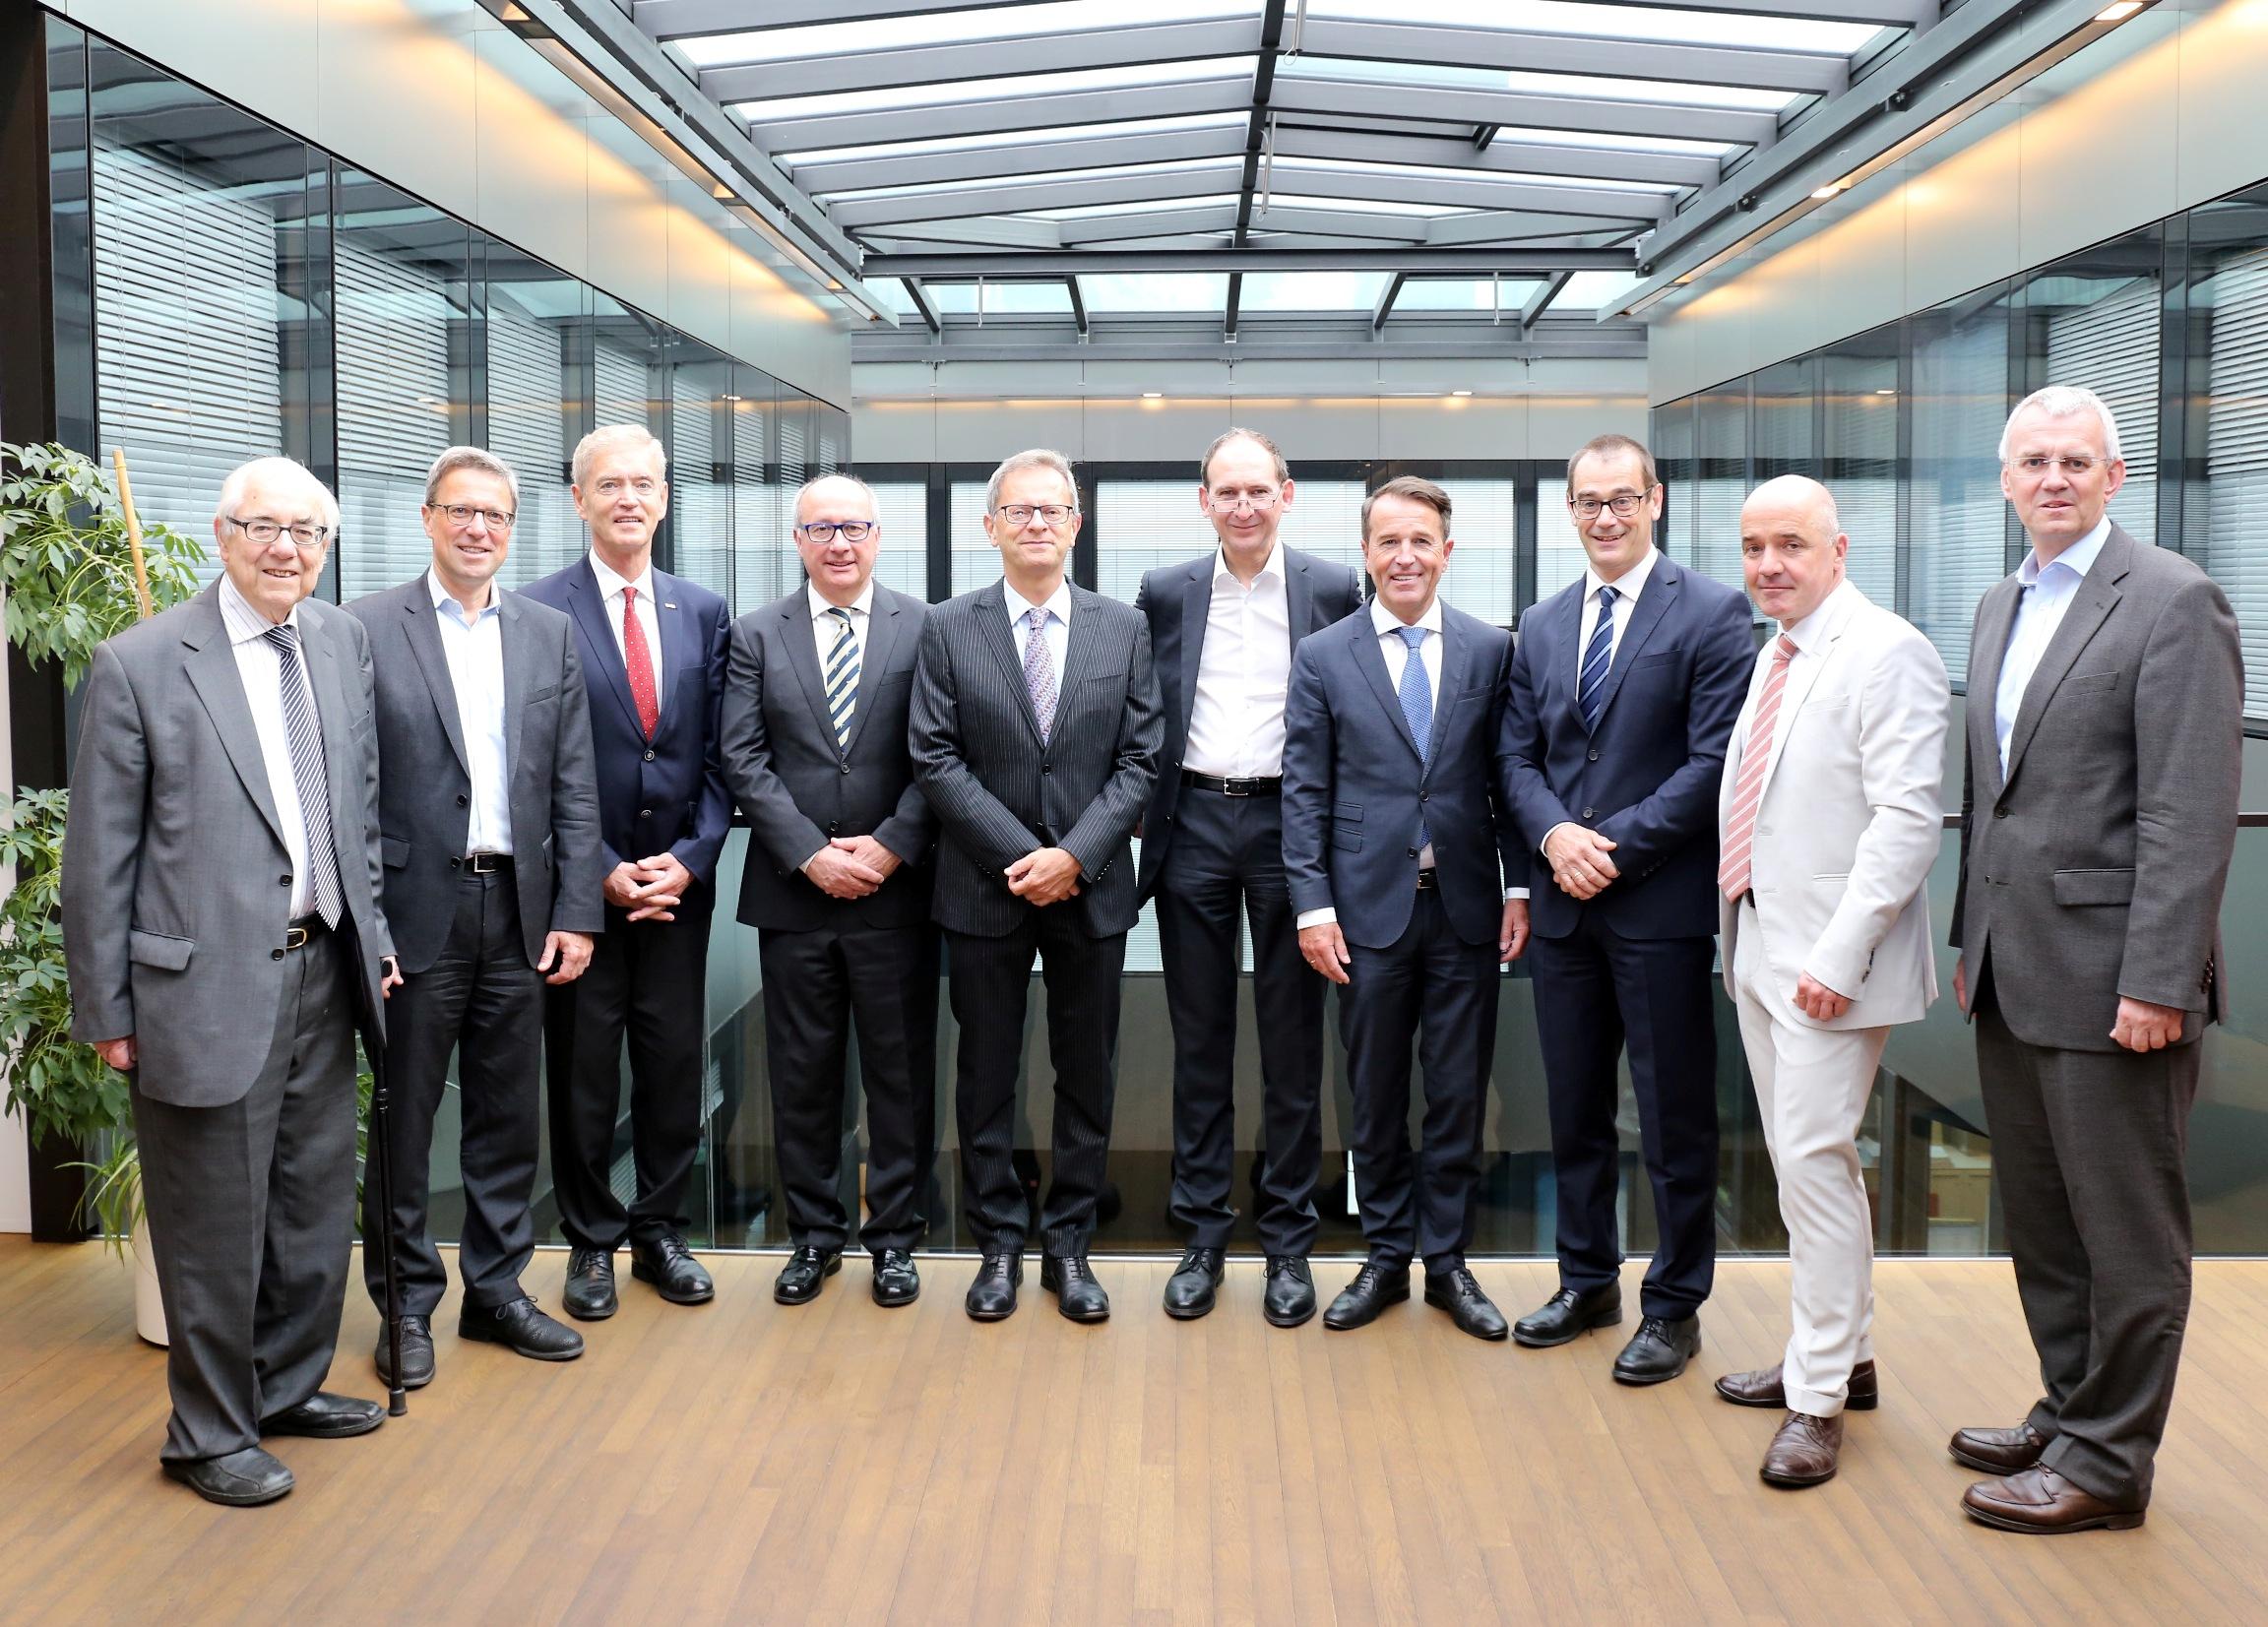 Incontro direttori Camere di commercio europee (c) hk